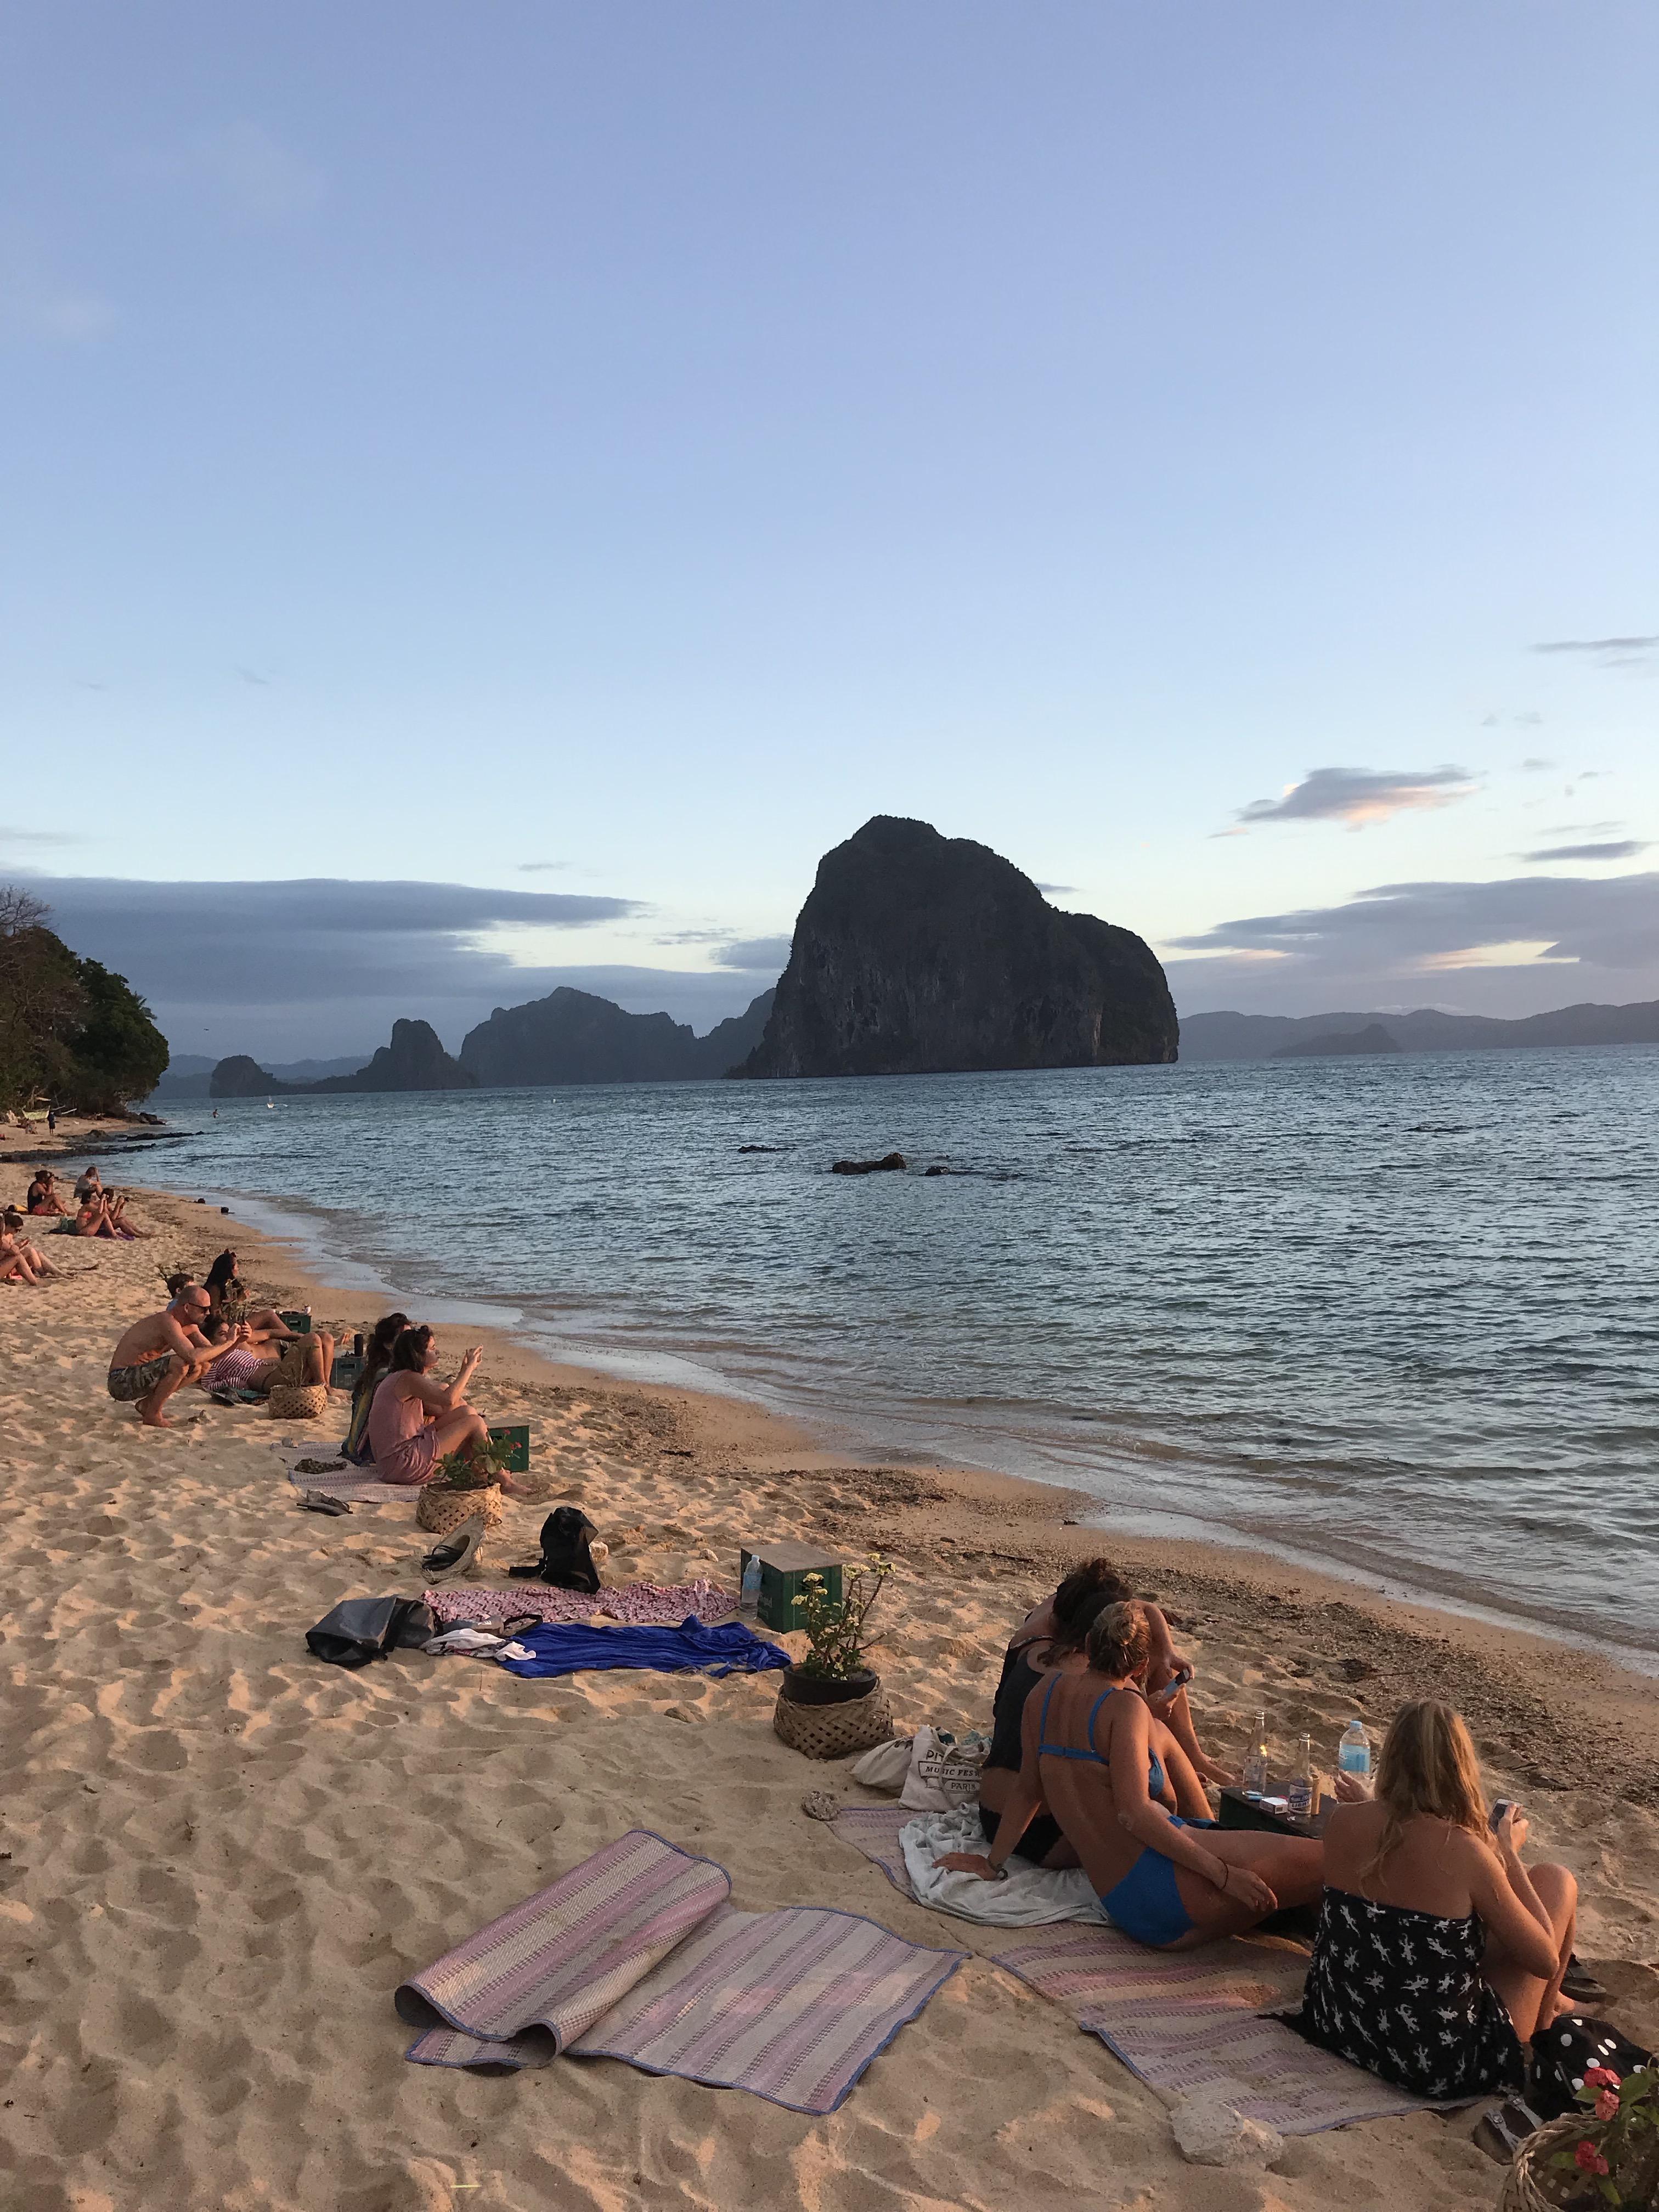 las-cabanas-beach-el-nido-palawan